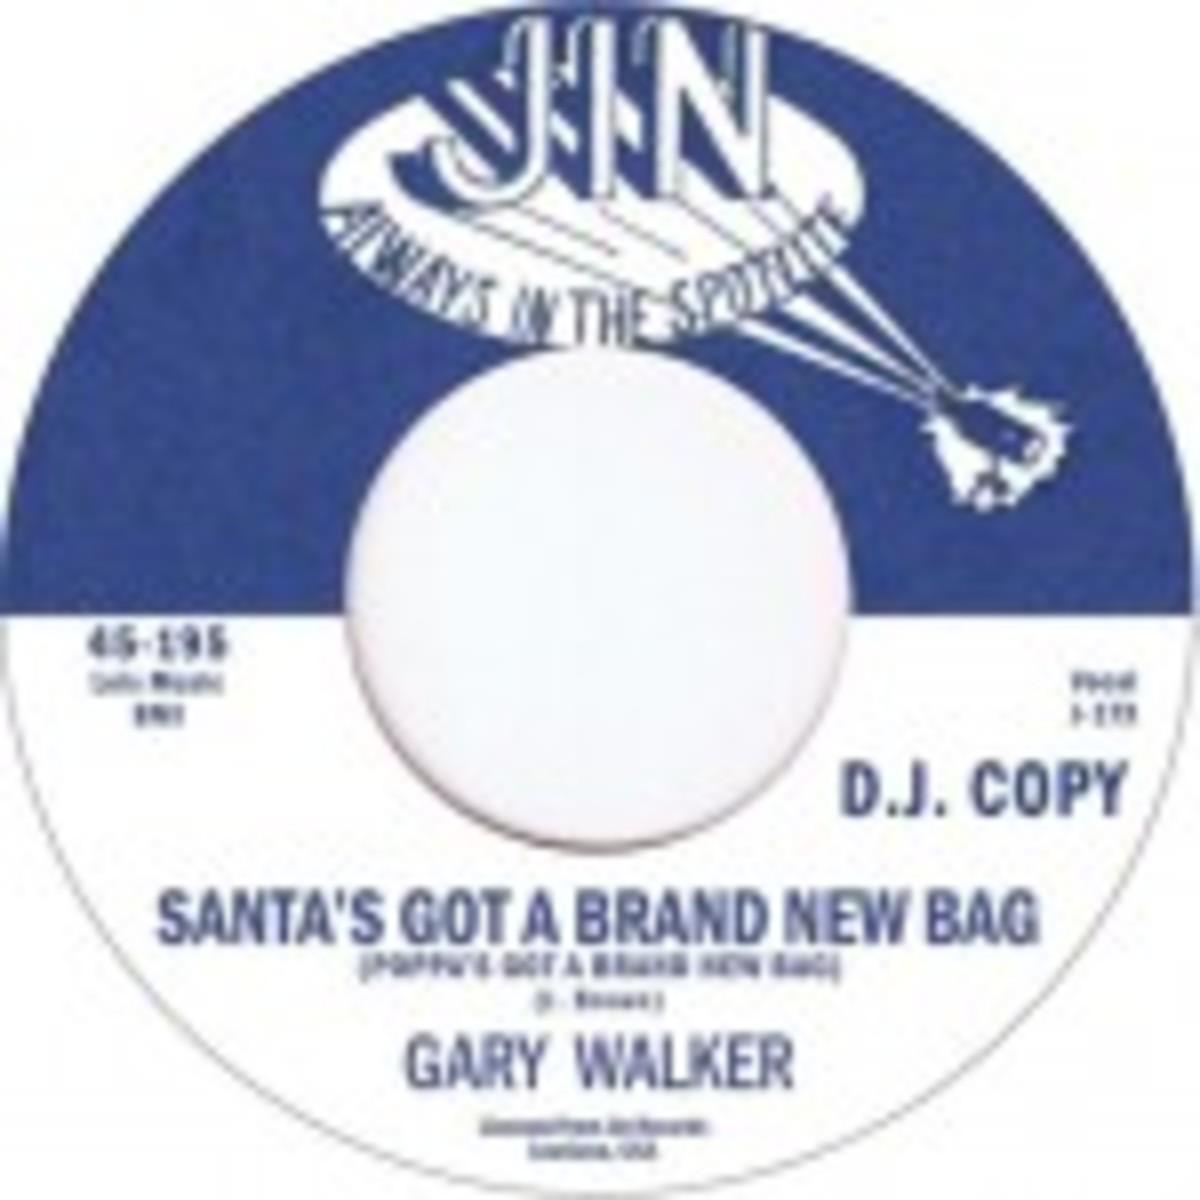 Gary Walker Santa's Got A Brand New Bag